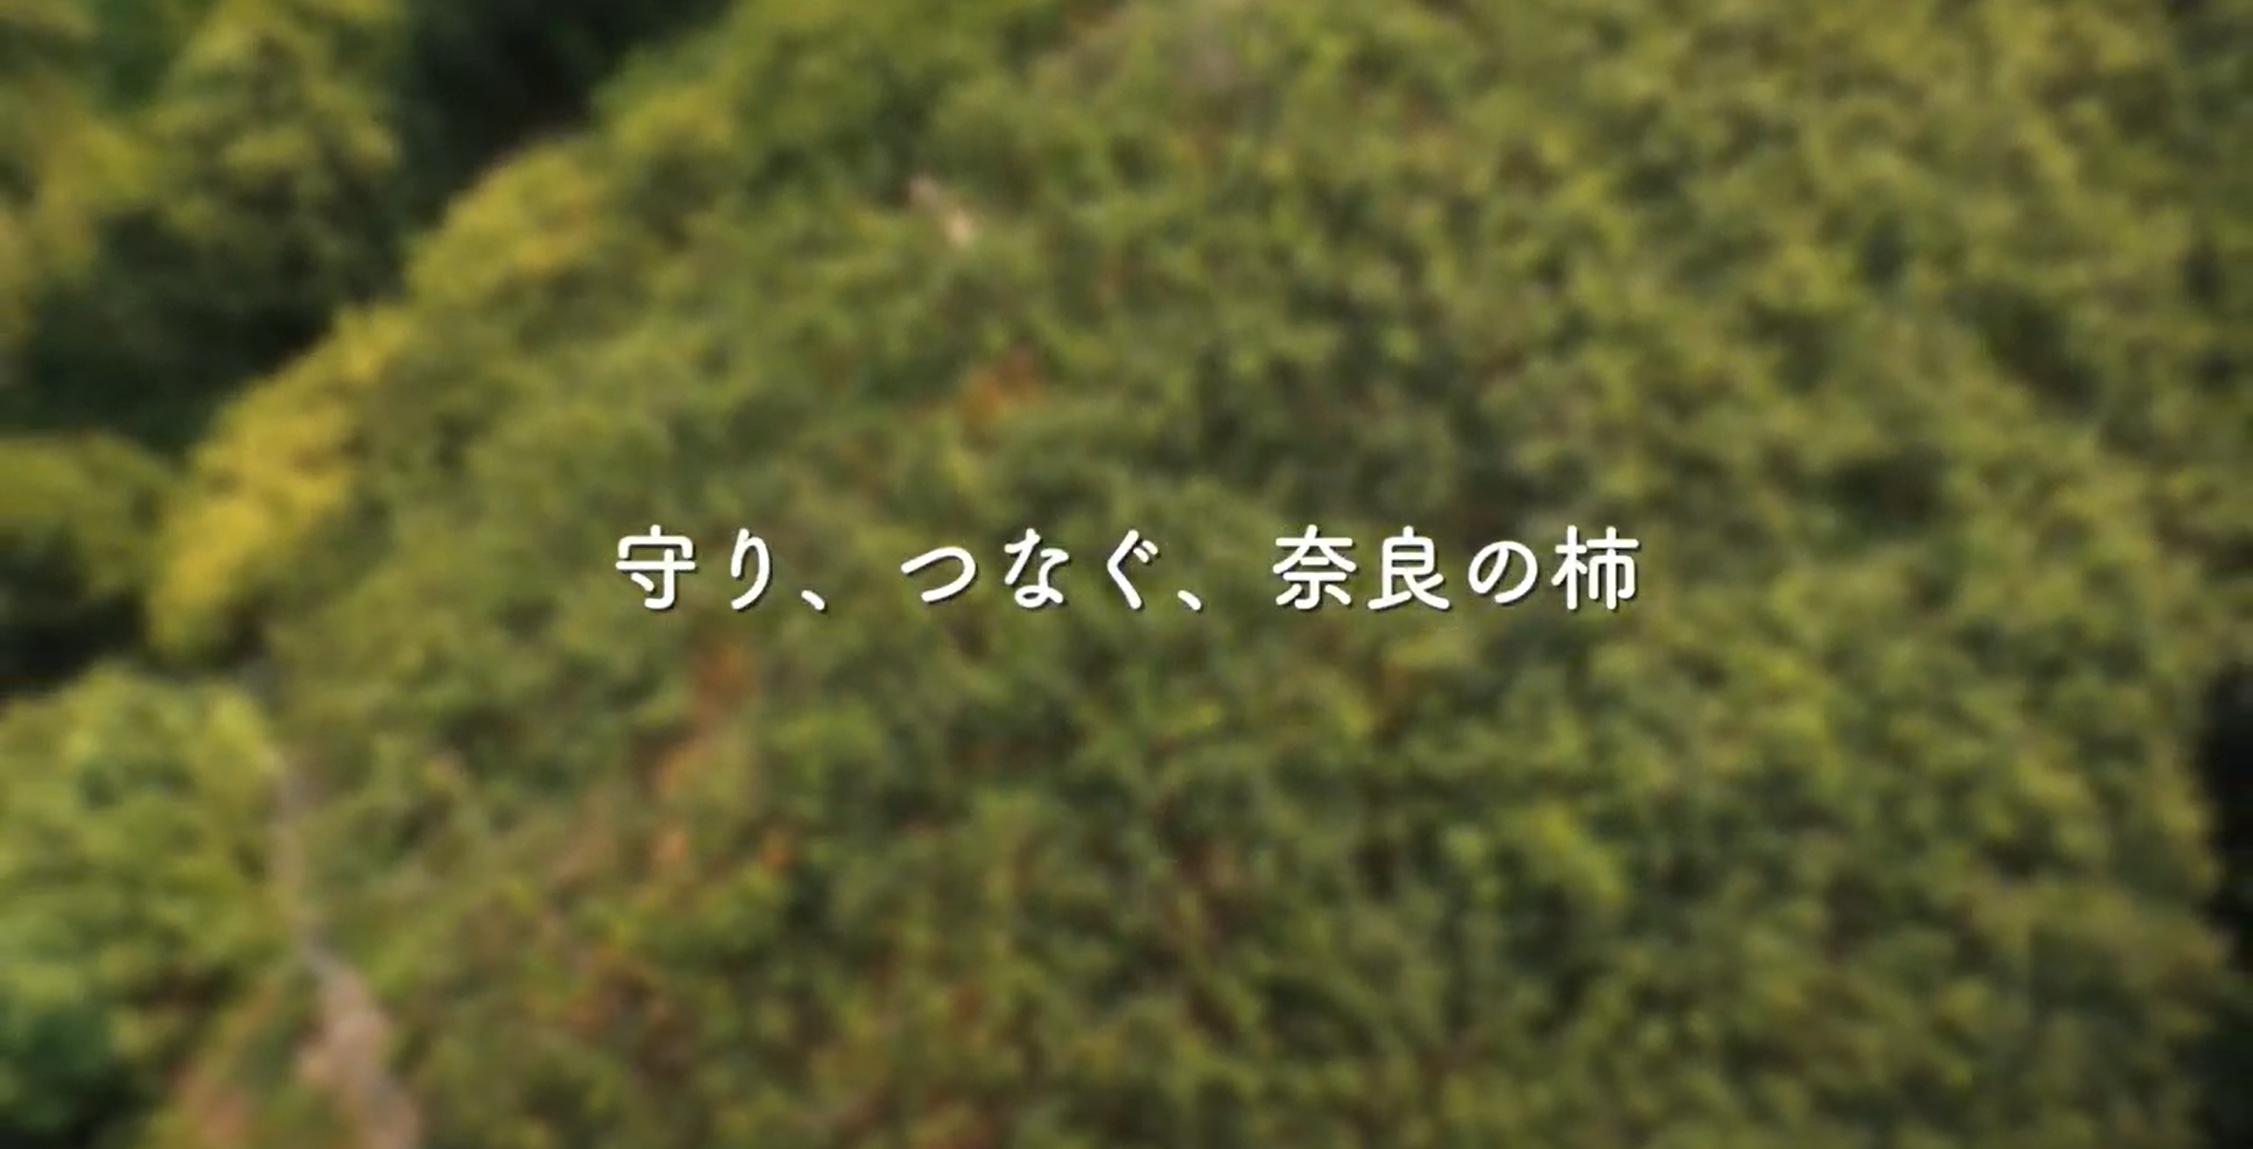 「守り、つなぐ、奈良の柿」動画制作